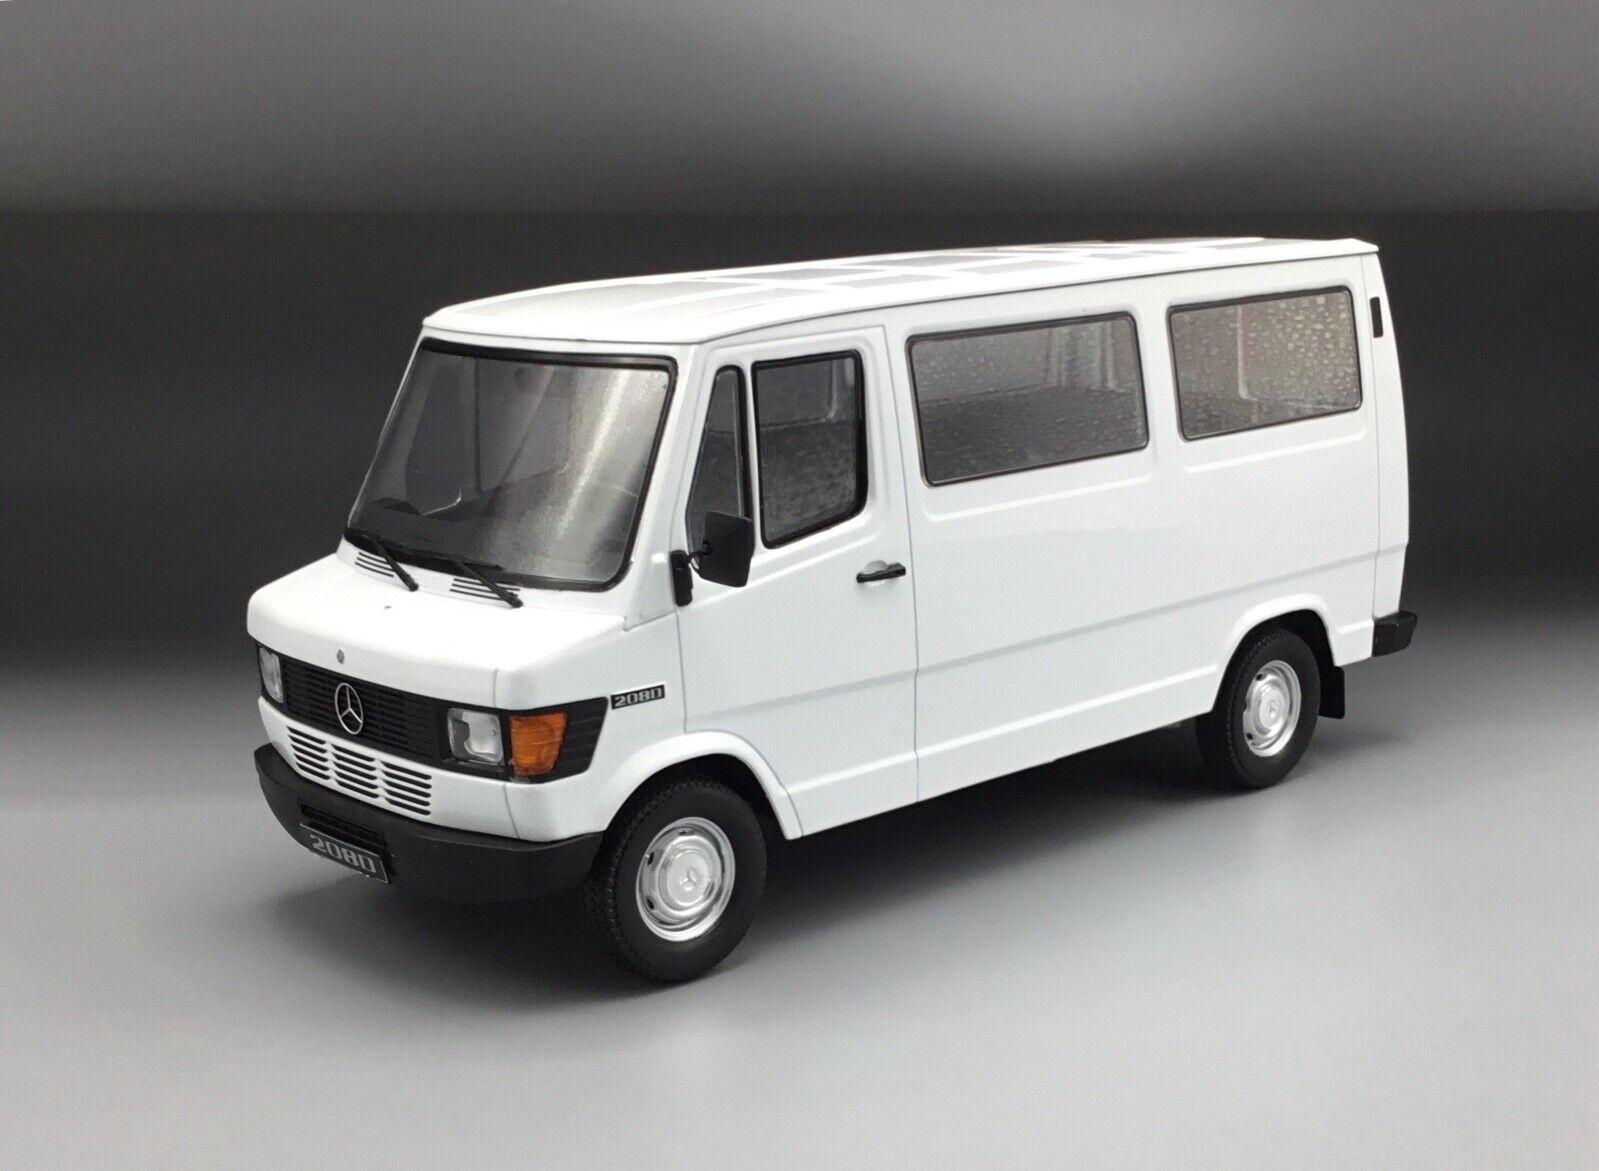 Mercedes Benz t1 208d (208 D) Bus Blanc - 1 18 KK-Scale  New